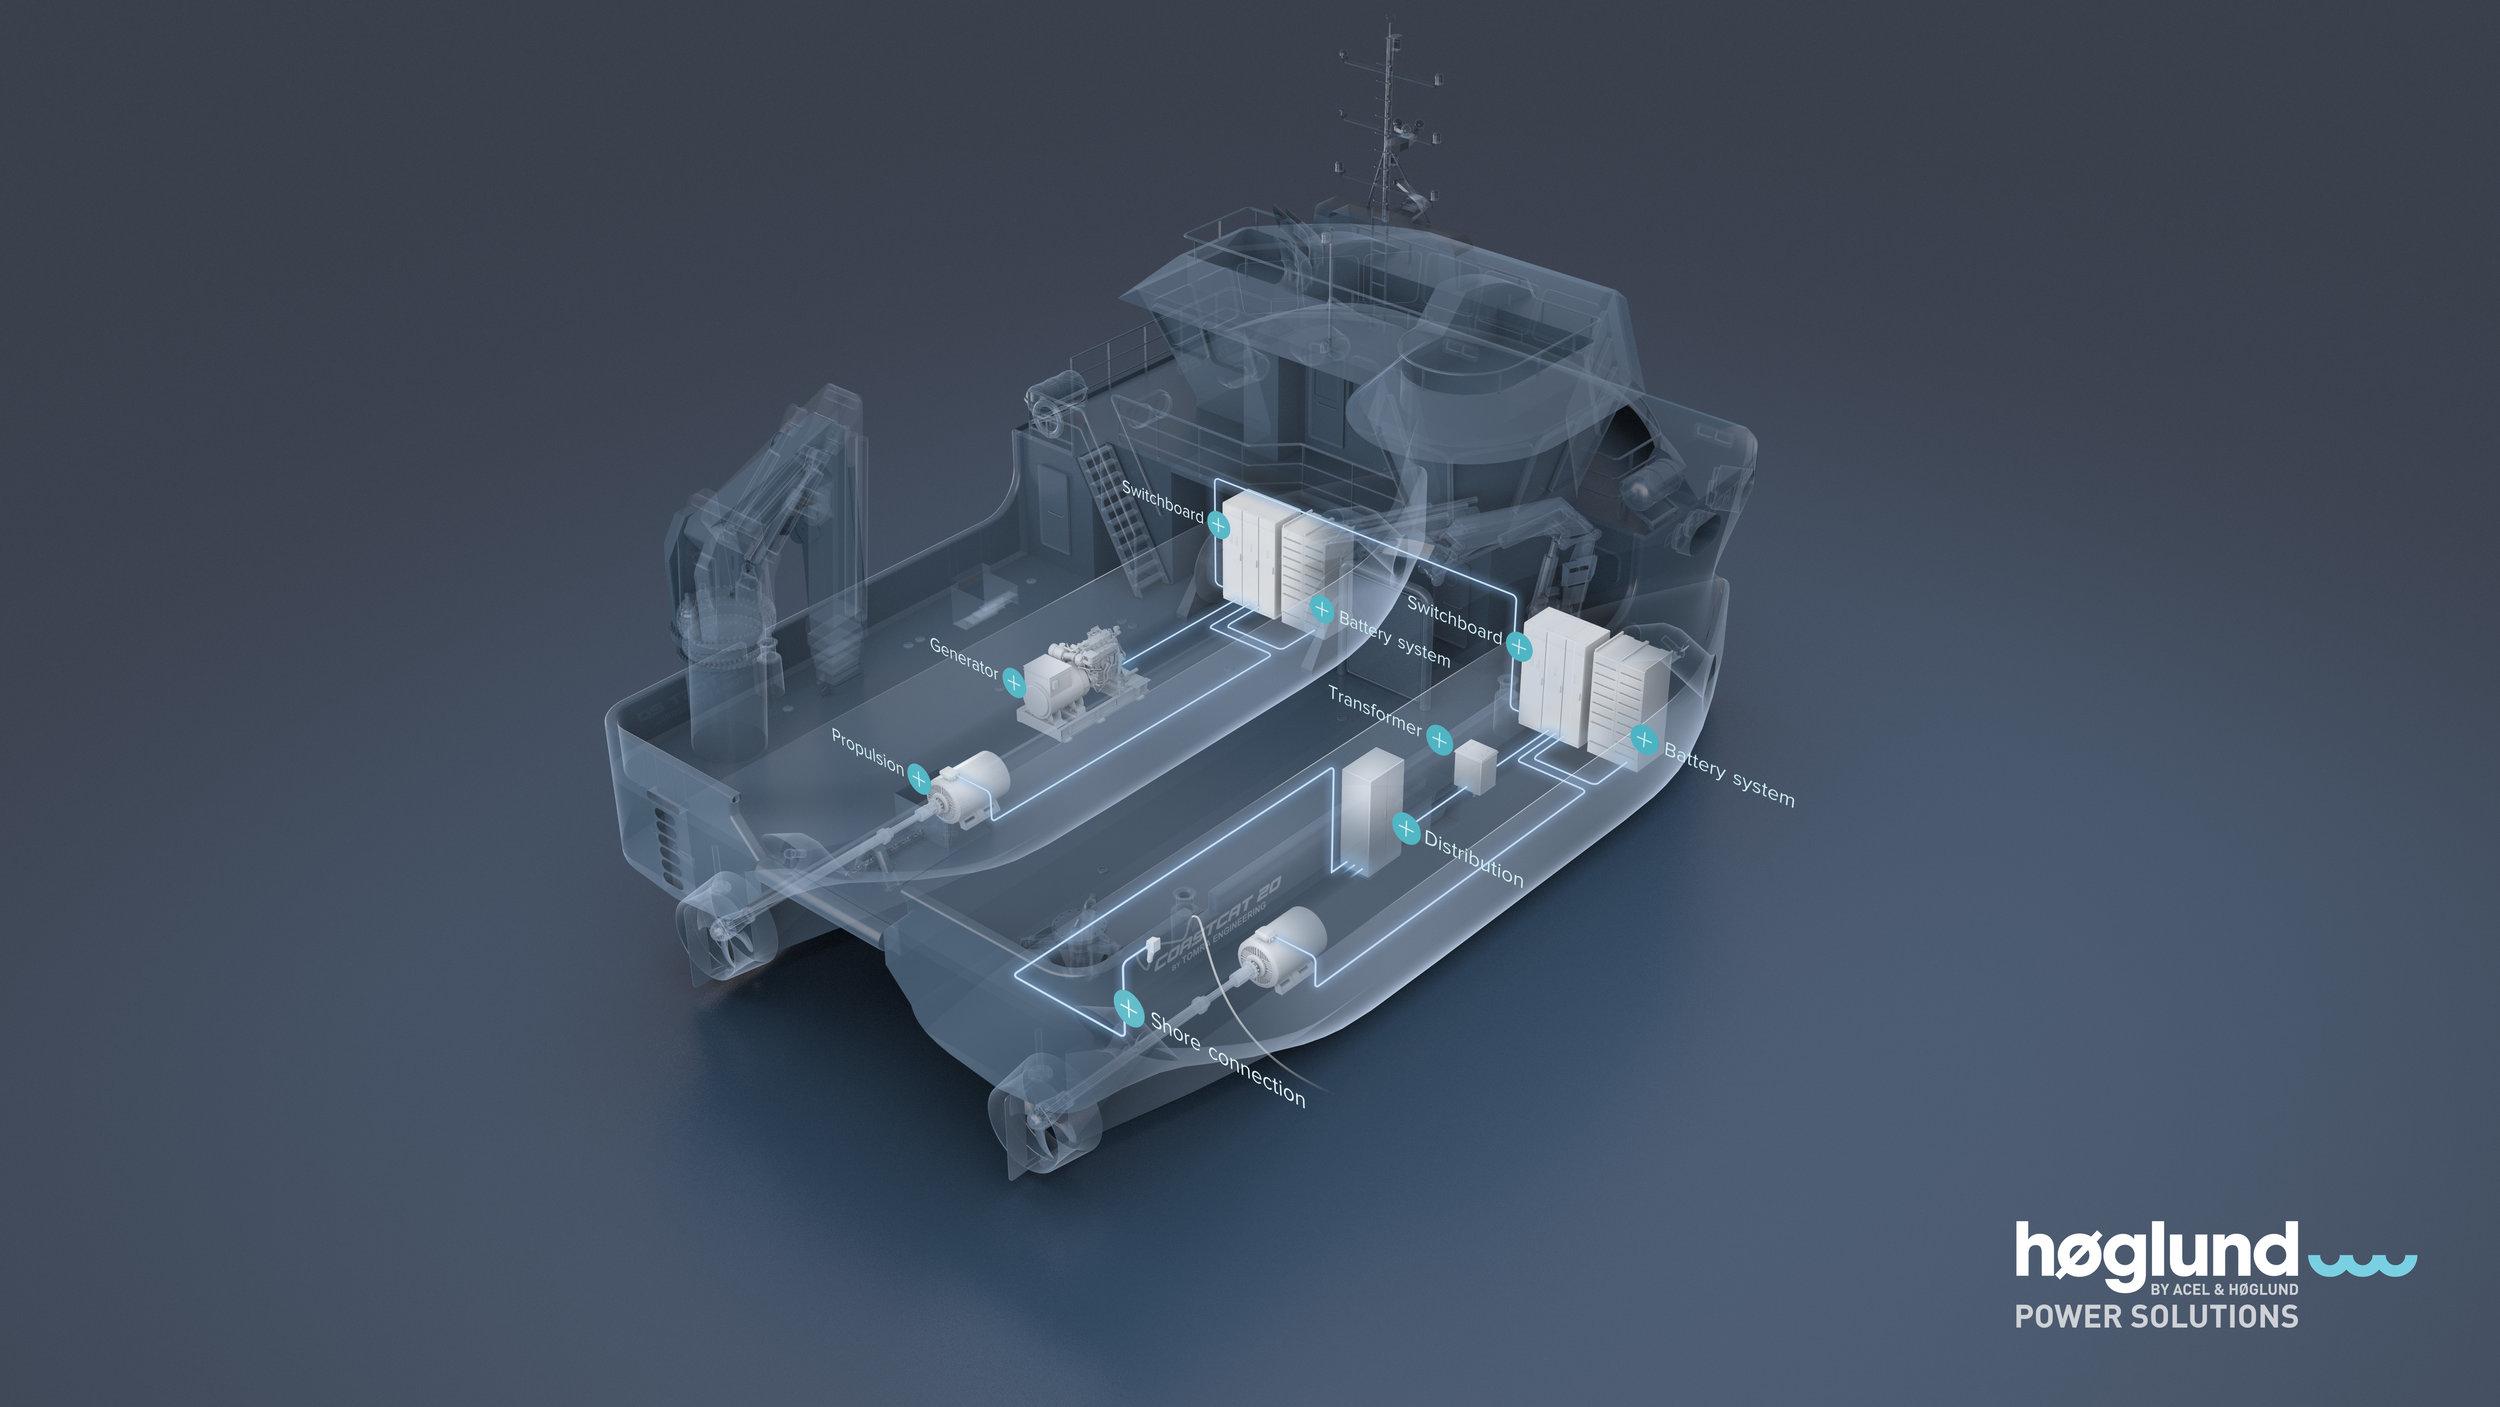 Høglund Power Solution - Hybrid power.jpg